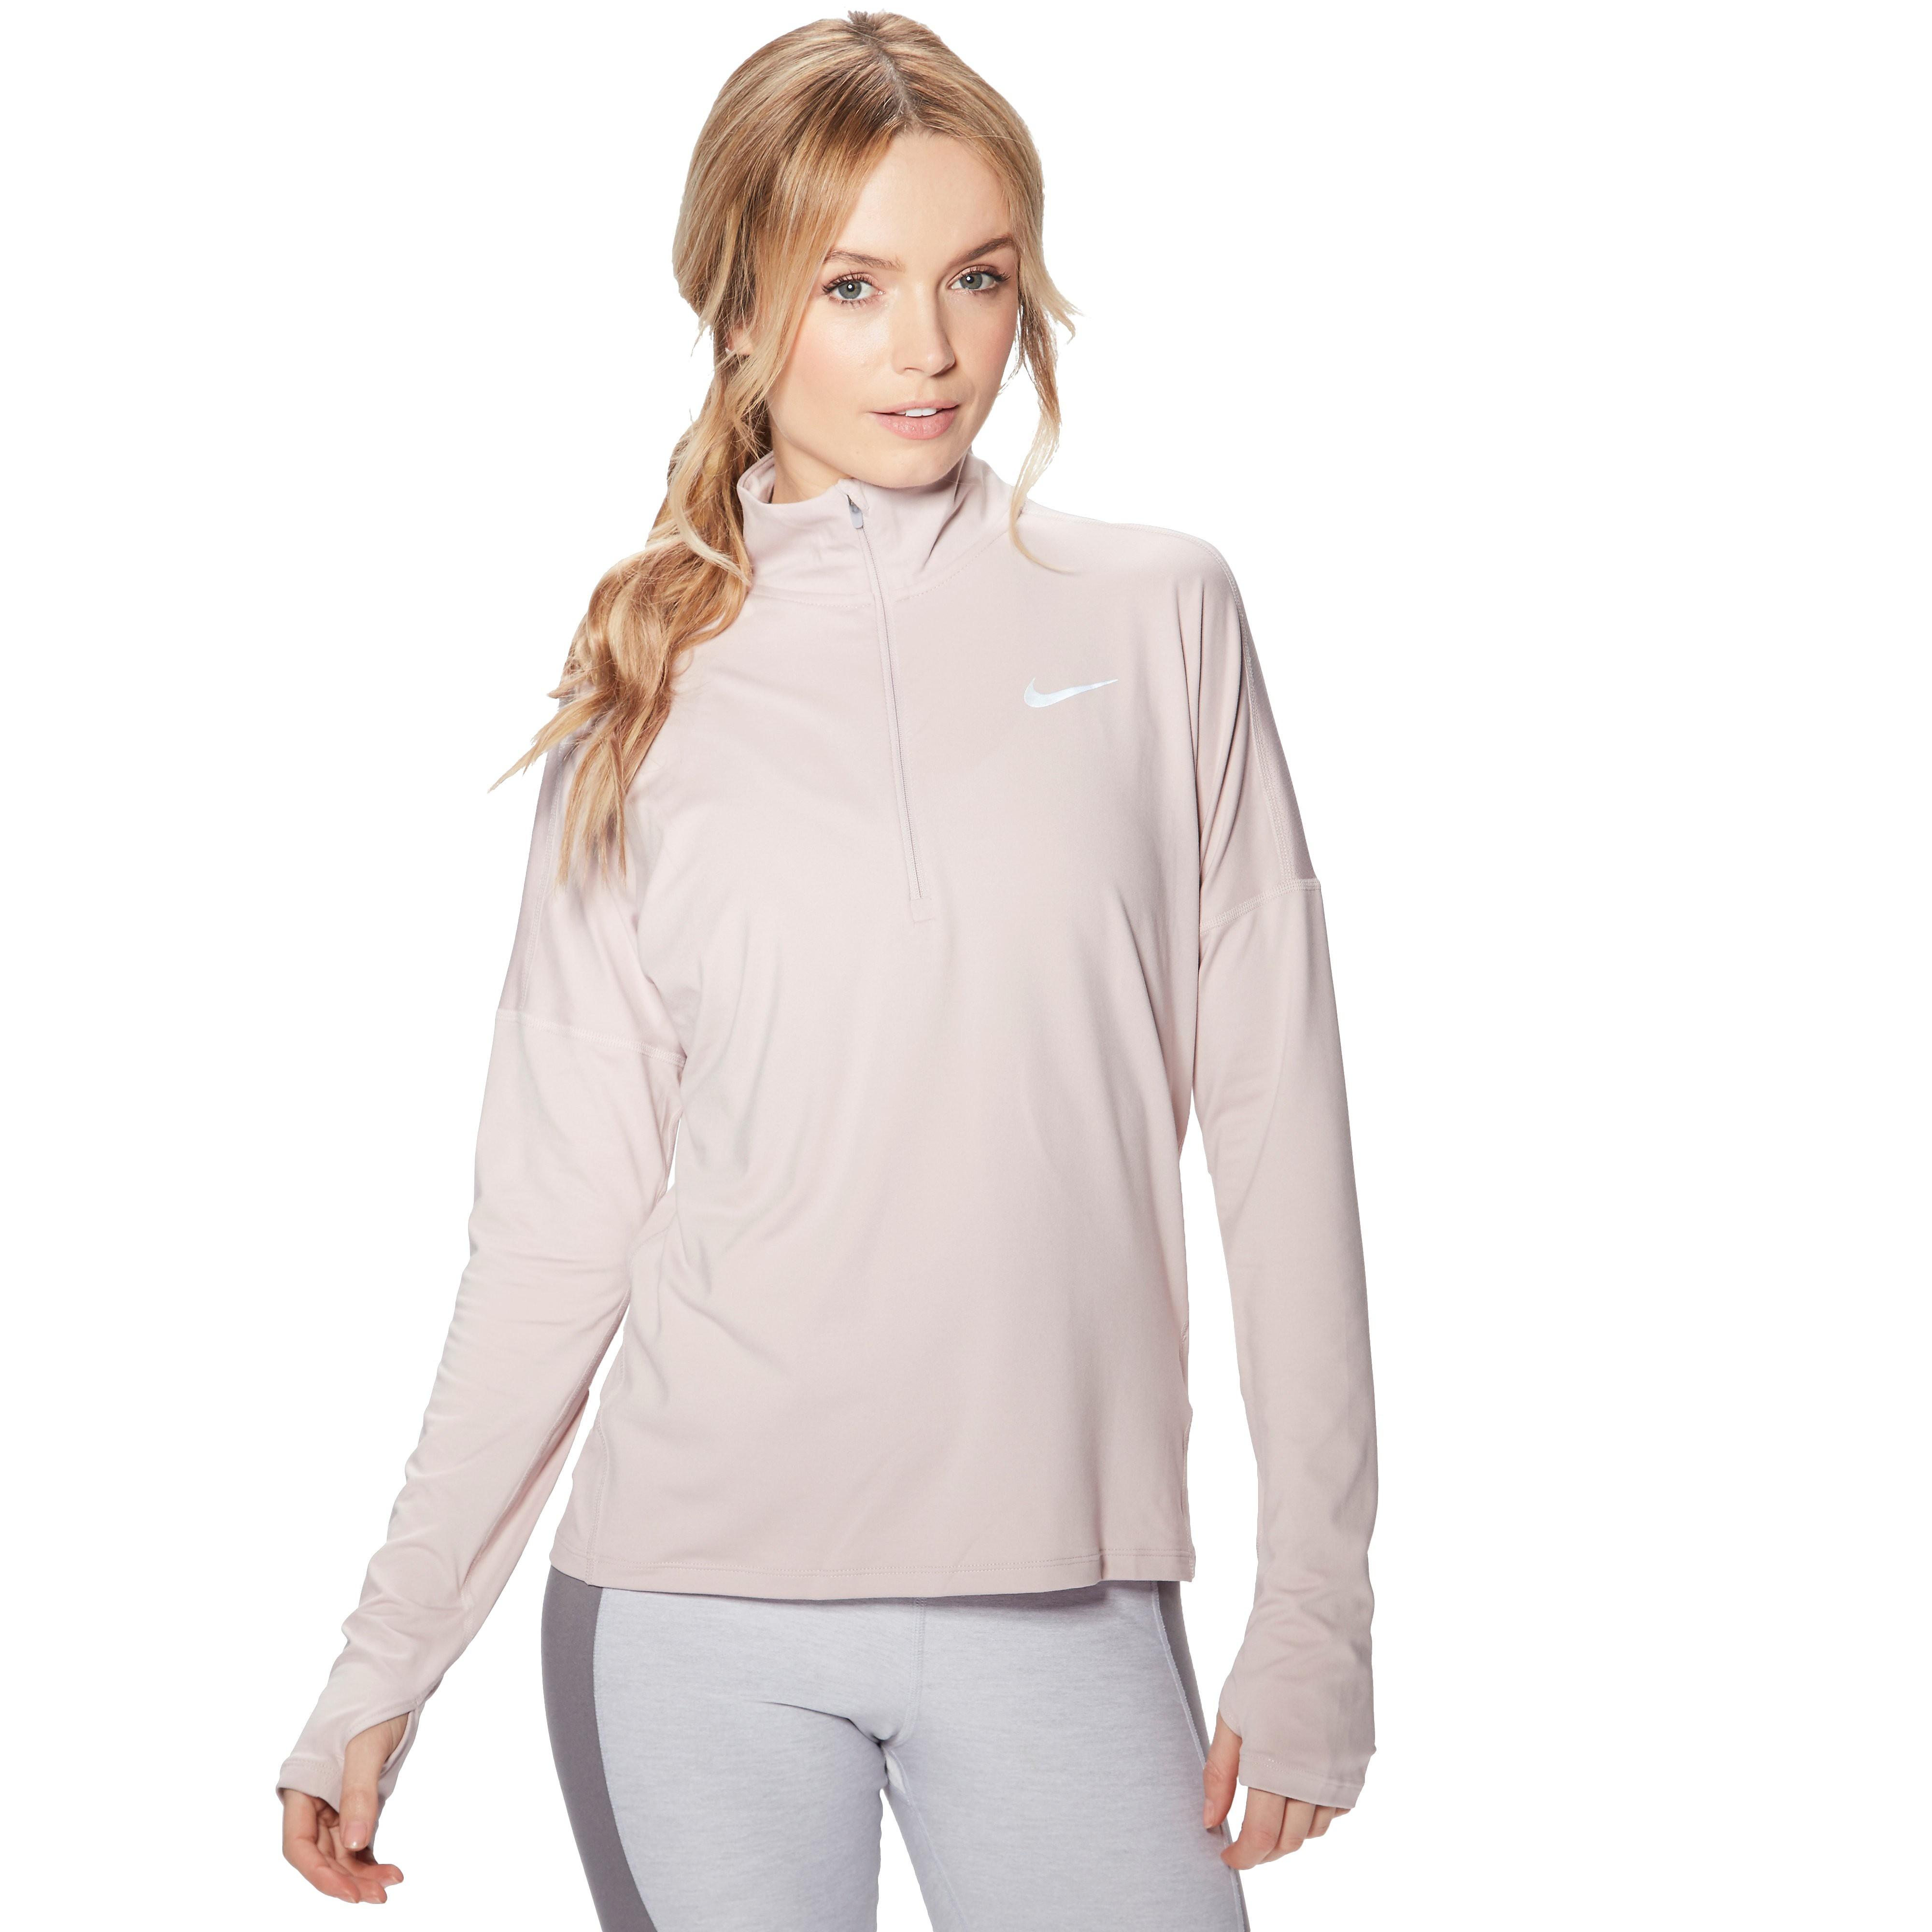 Nike Dry Element 1/2 Zip Women's Running Top